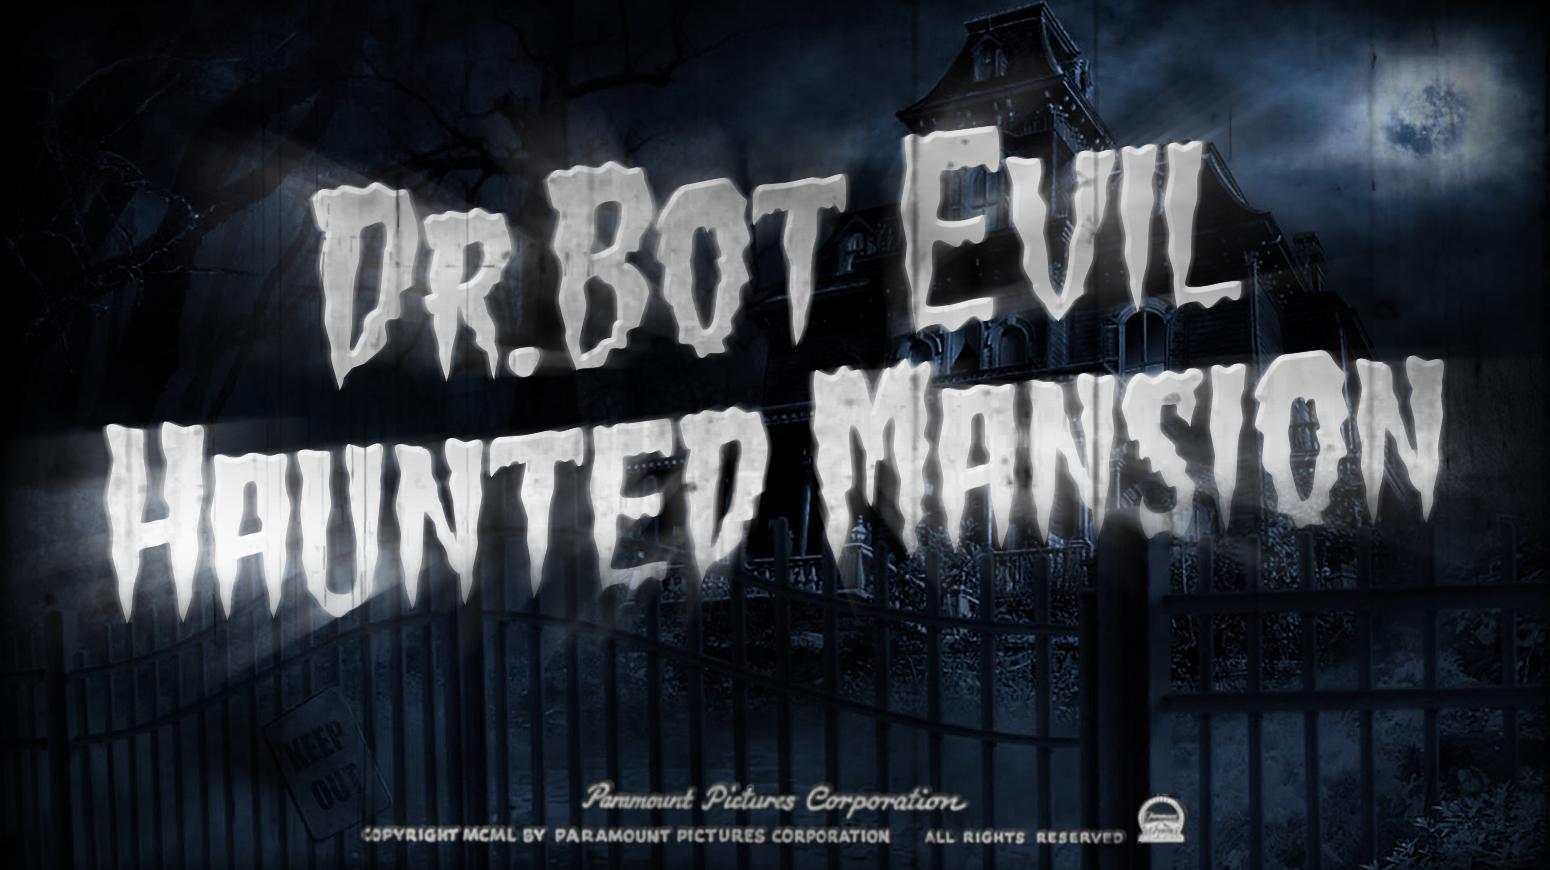 Dr.Bot Evil Haunted Mansion